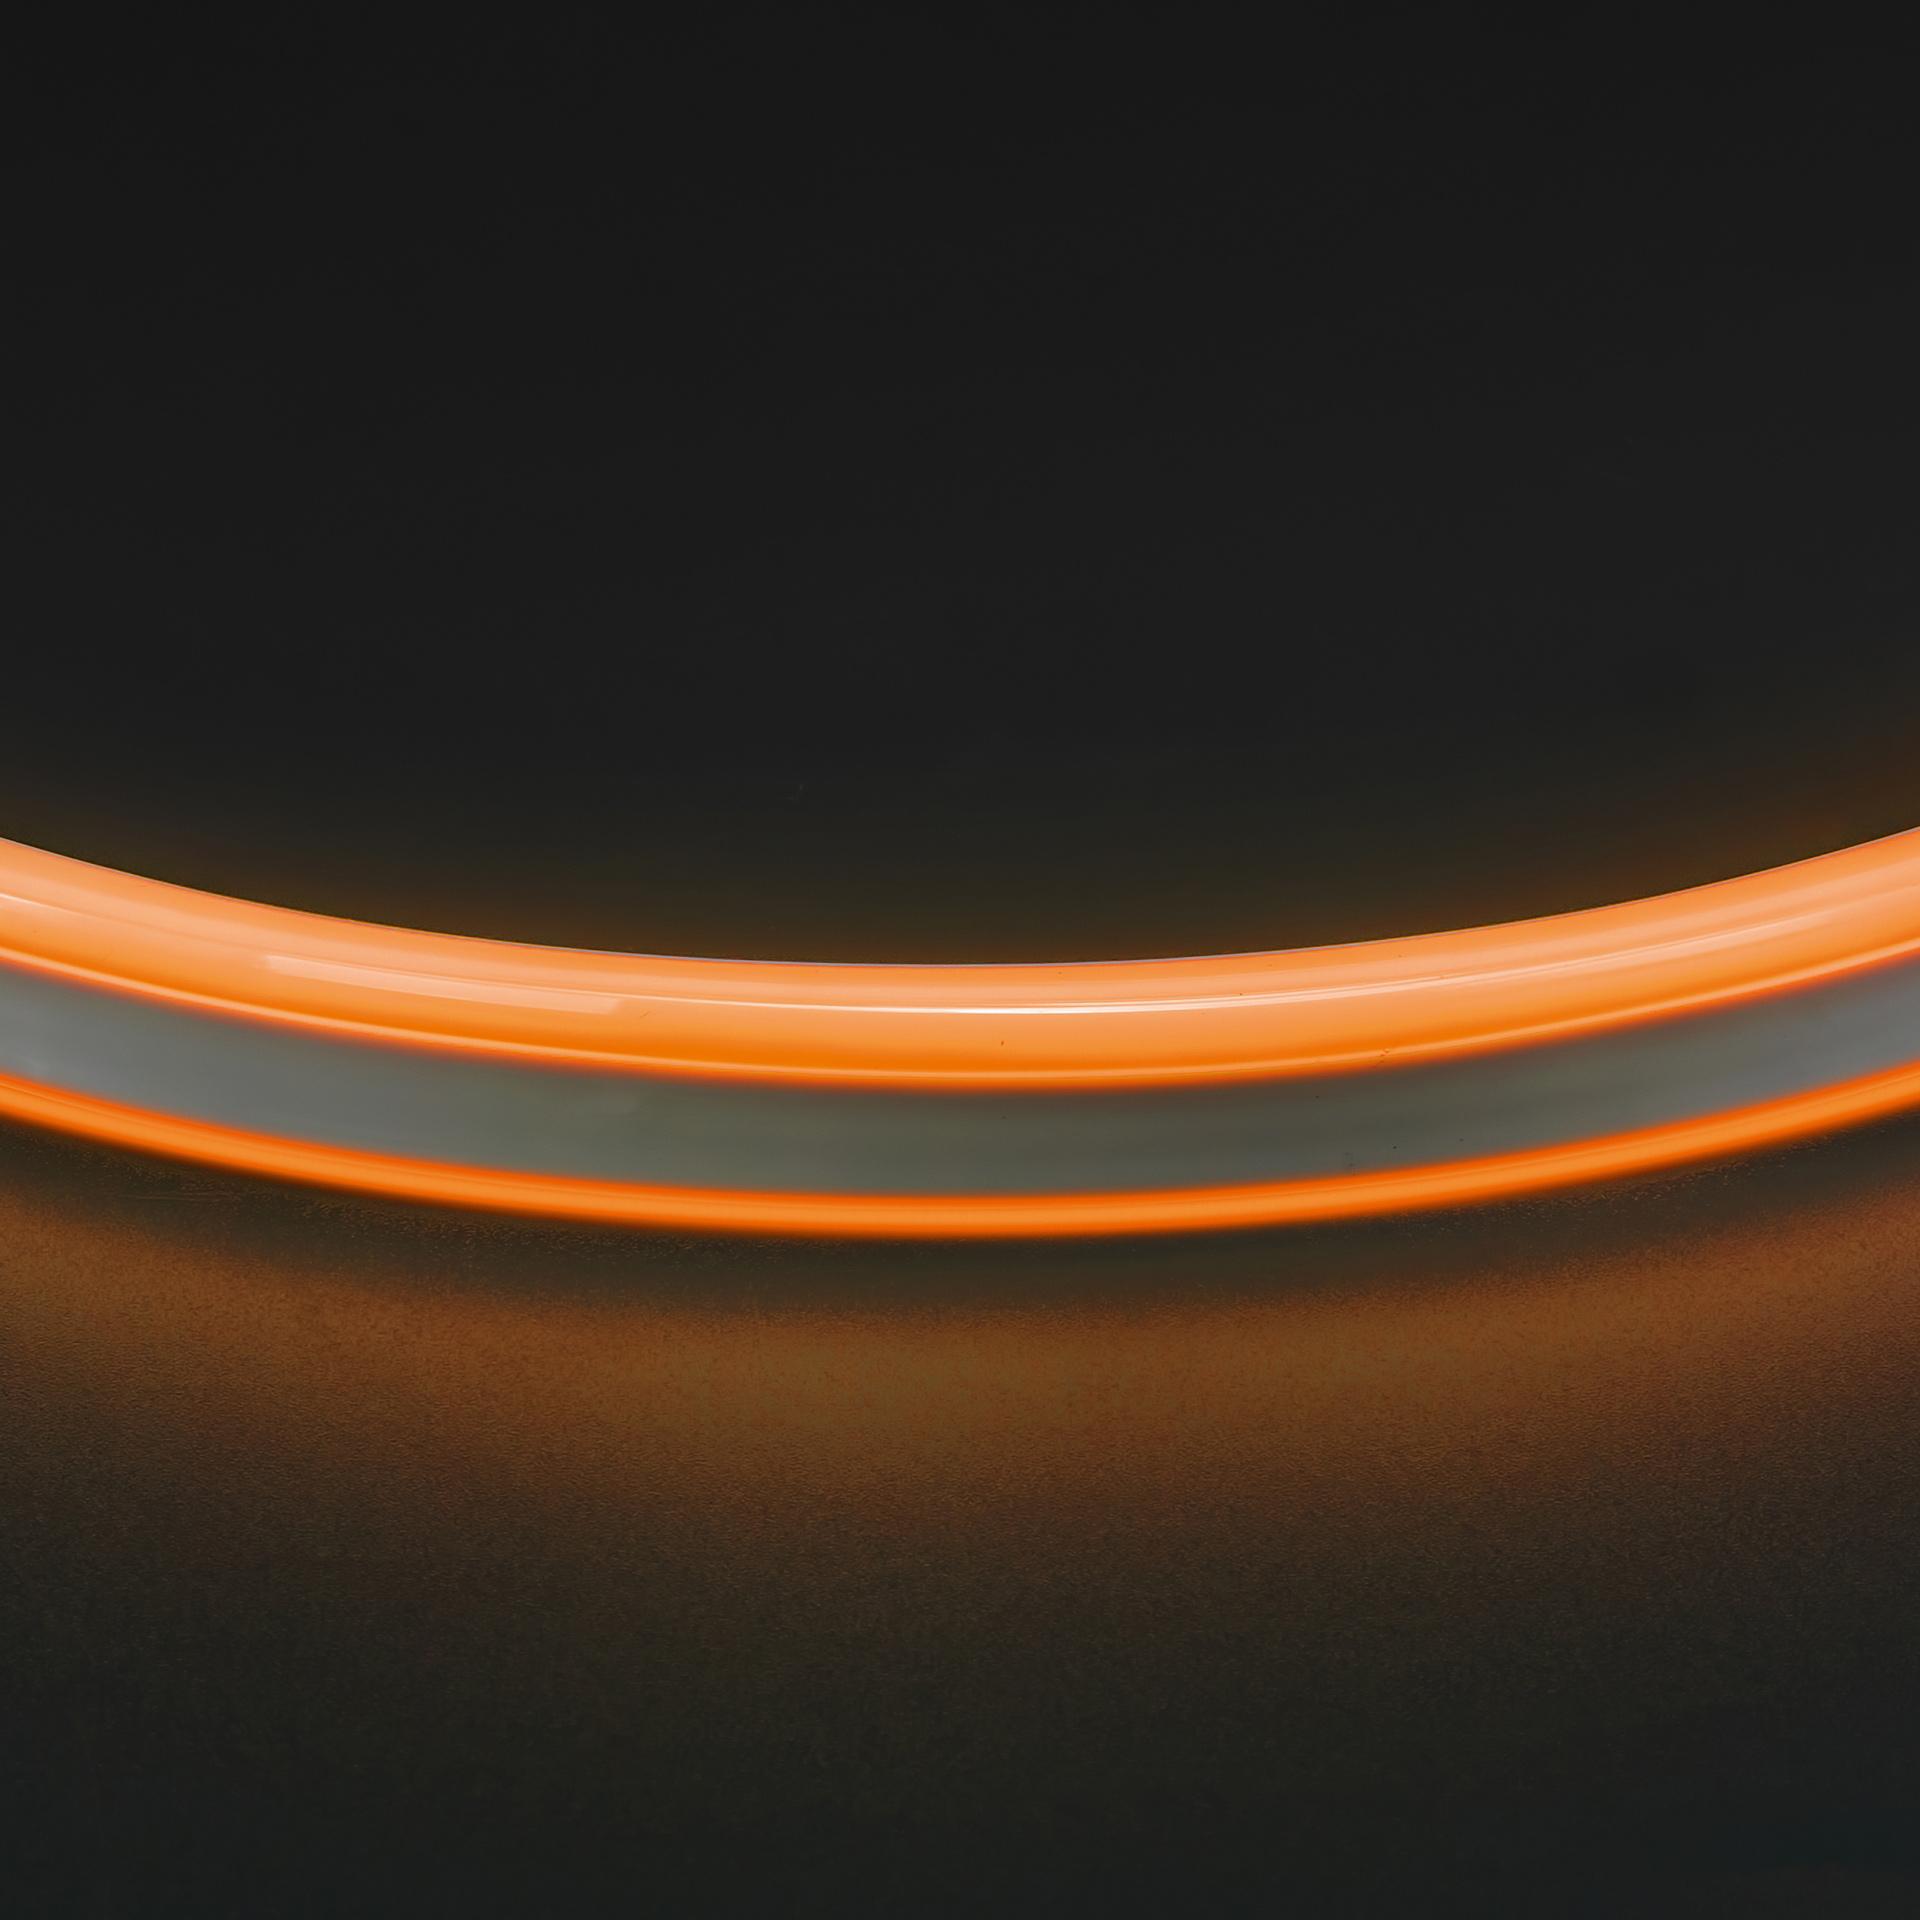 Лента гибкая неоновая NEOLED 220V 120 LED янтарный цвет IP65 Lightstar 430103, купить в СПб, Москве, с доставкой, Санкт-Петербург, интернет-магазин люстр и светильников Starlight, фото в жизни